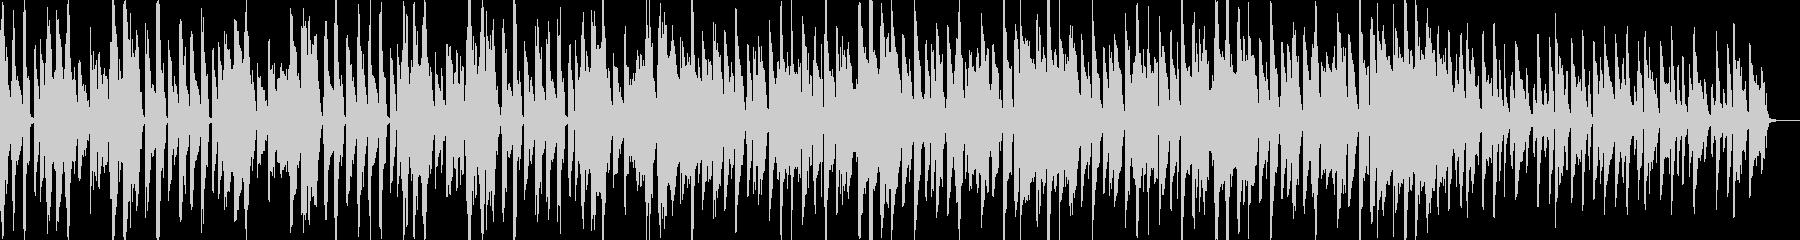 ヒップホップテイストなリズムに合わせて…の未再生の波形